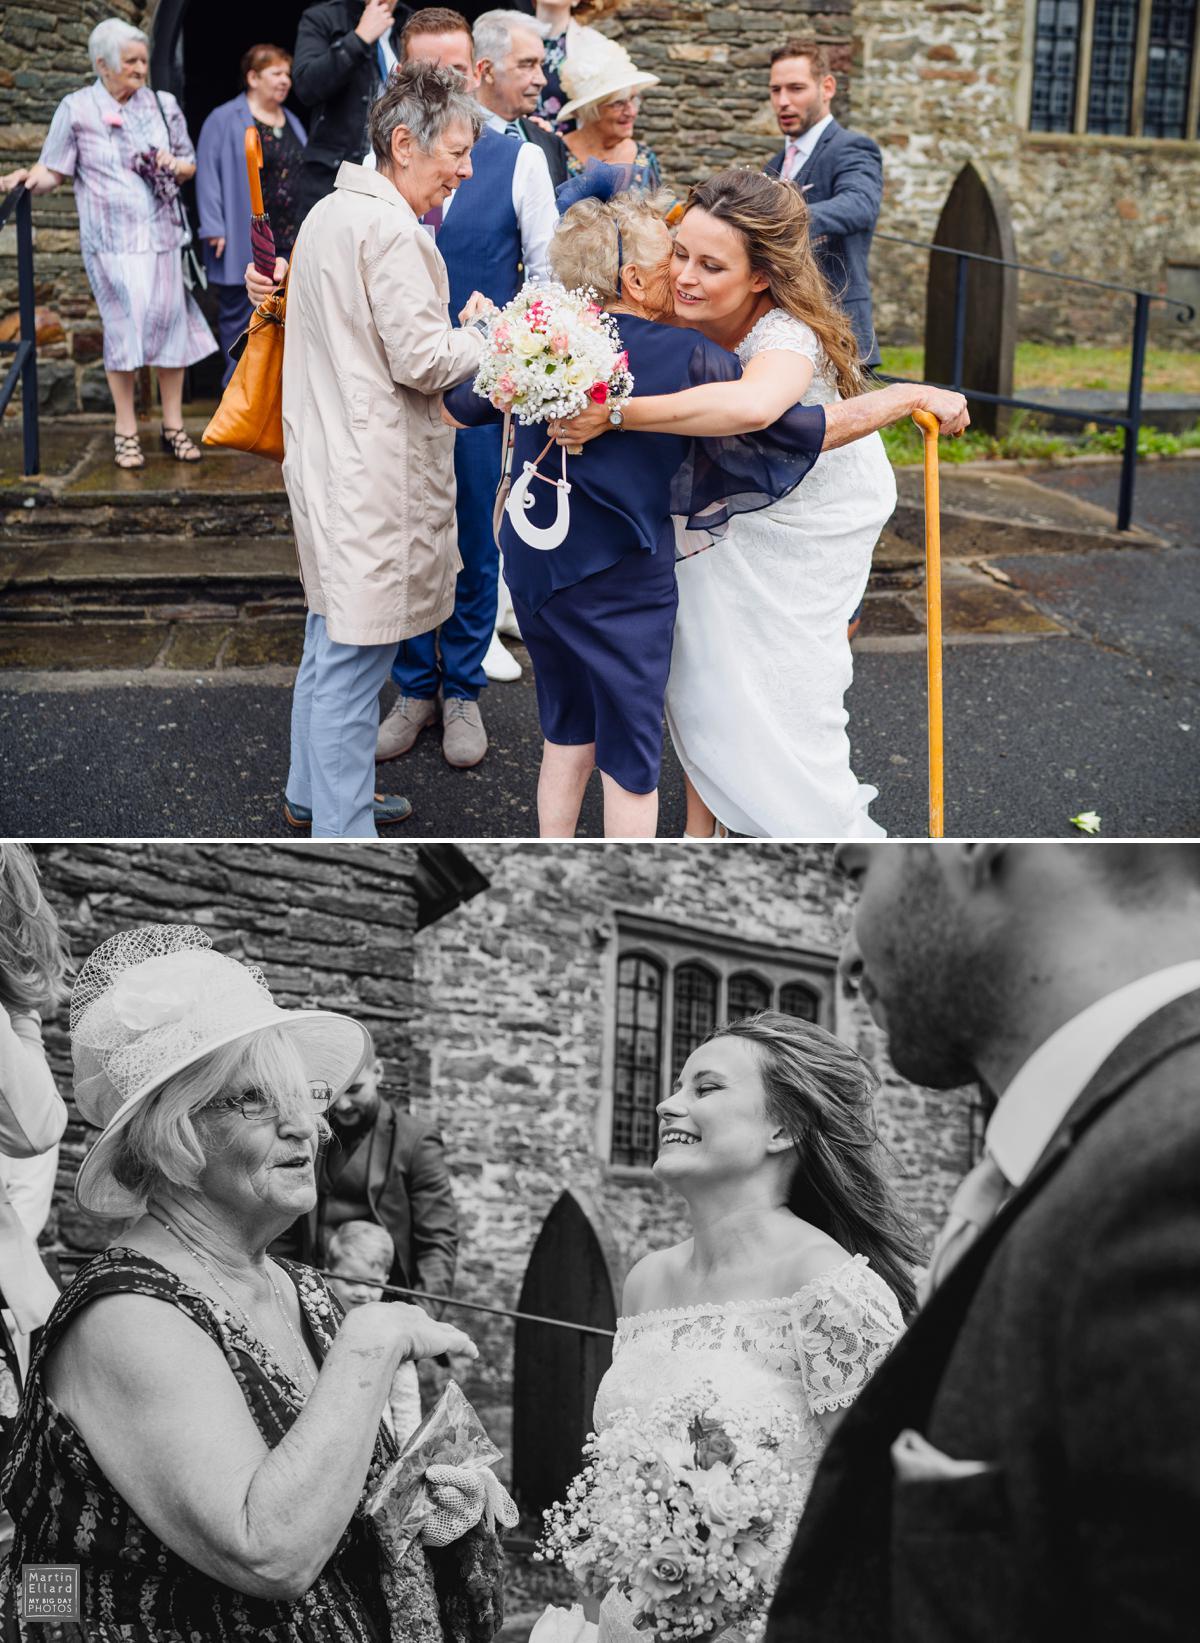 Pembrey wedding photographer prices